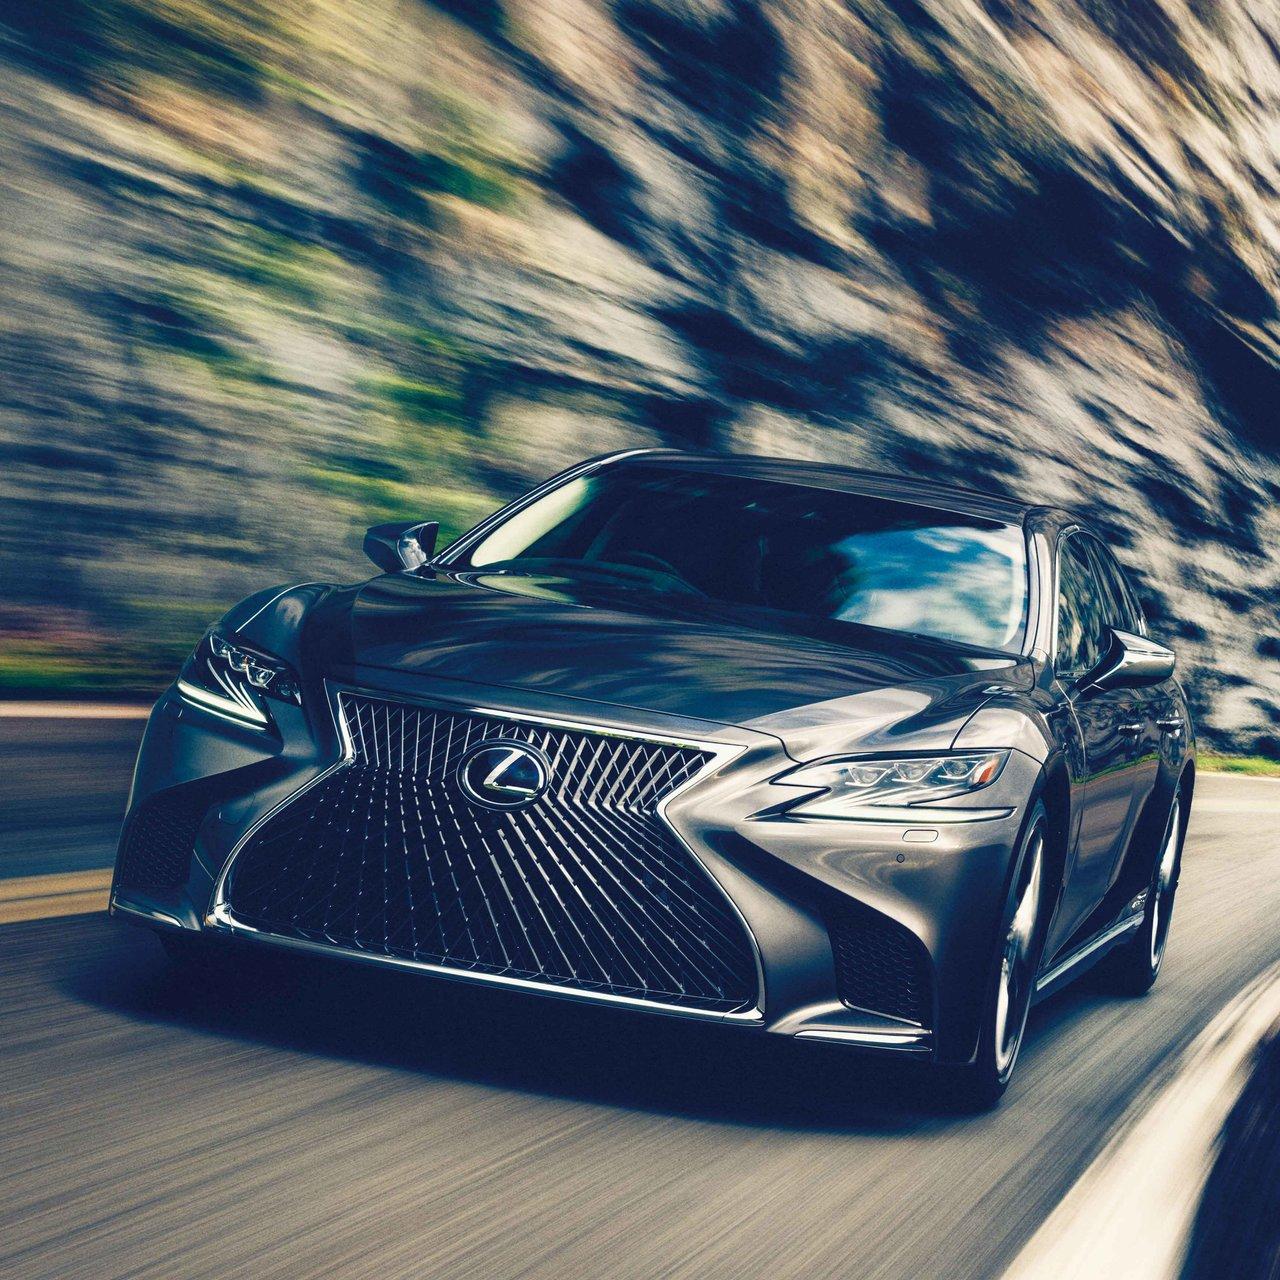 より上質な乗り心地を追求──レクサスのフラッグシップセダンLSがアップグレード  Lexus